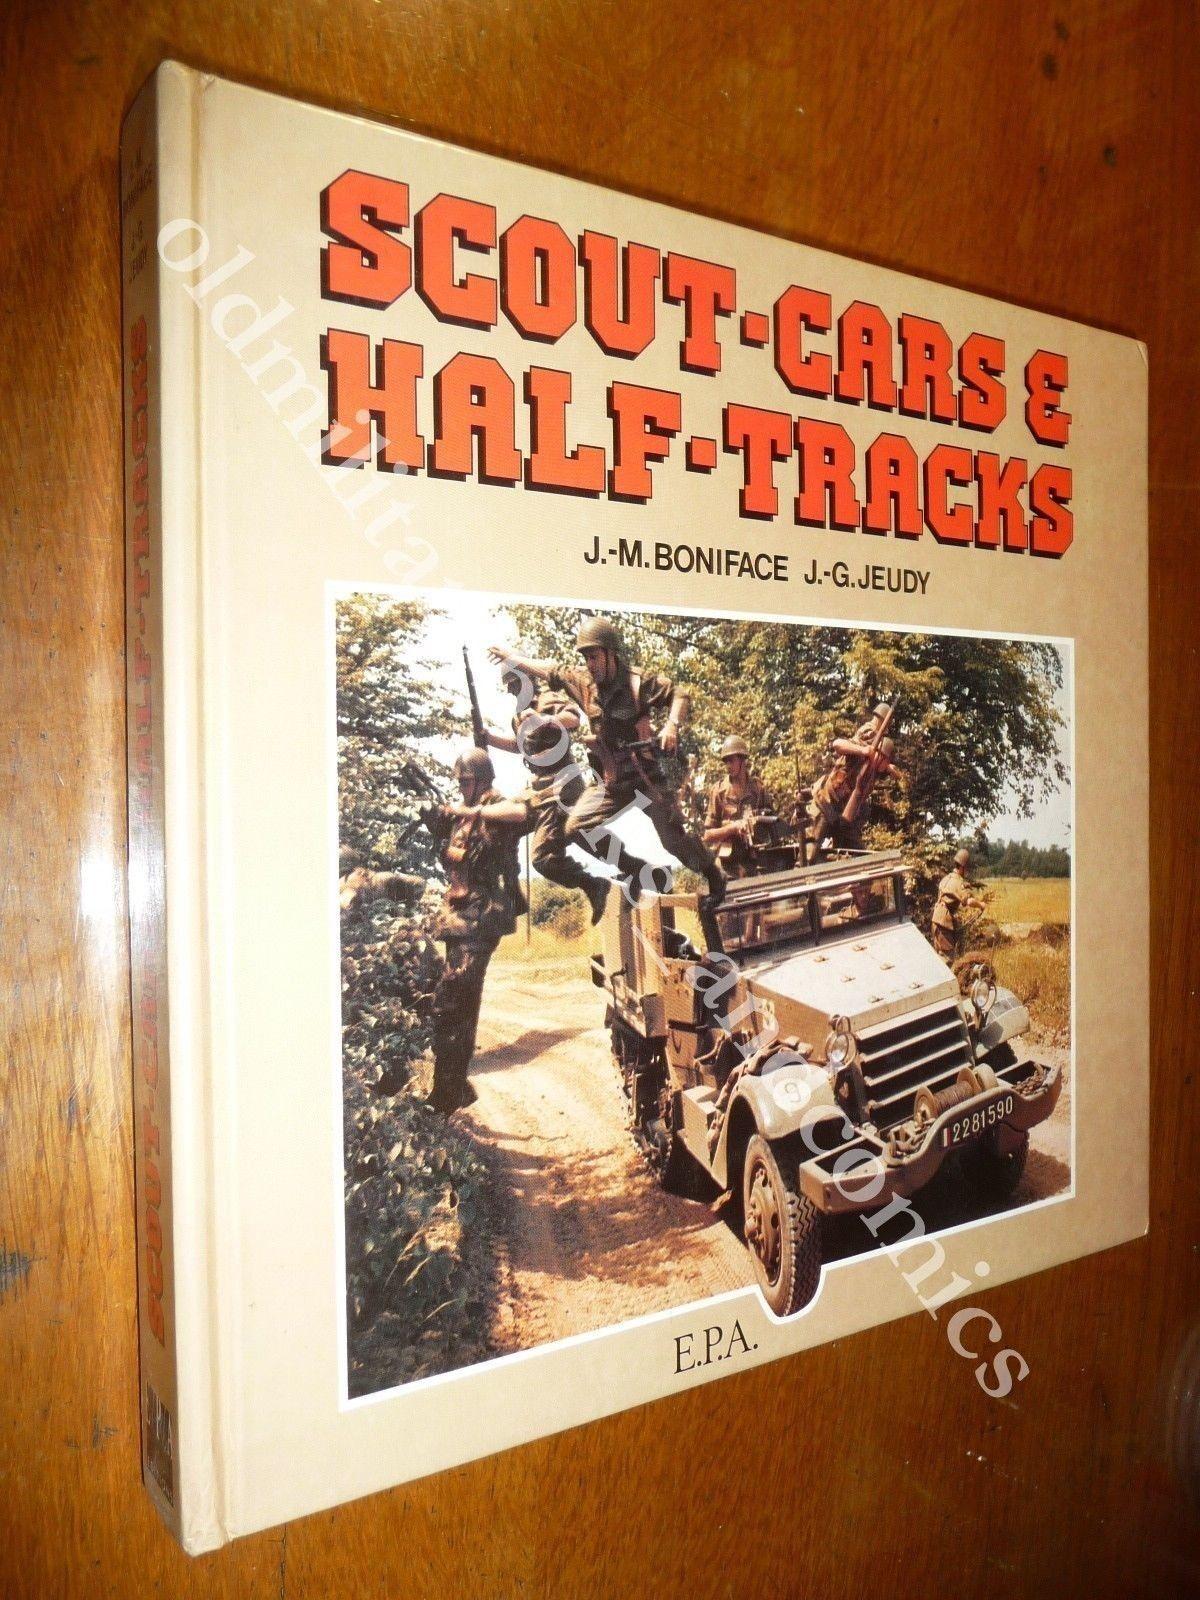 SCOUT-CARS & HALF-TRACKS BEL VOL. SU VEICOLI CORAZZATI E SEMICINGOLATI AMERICANI